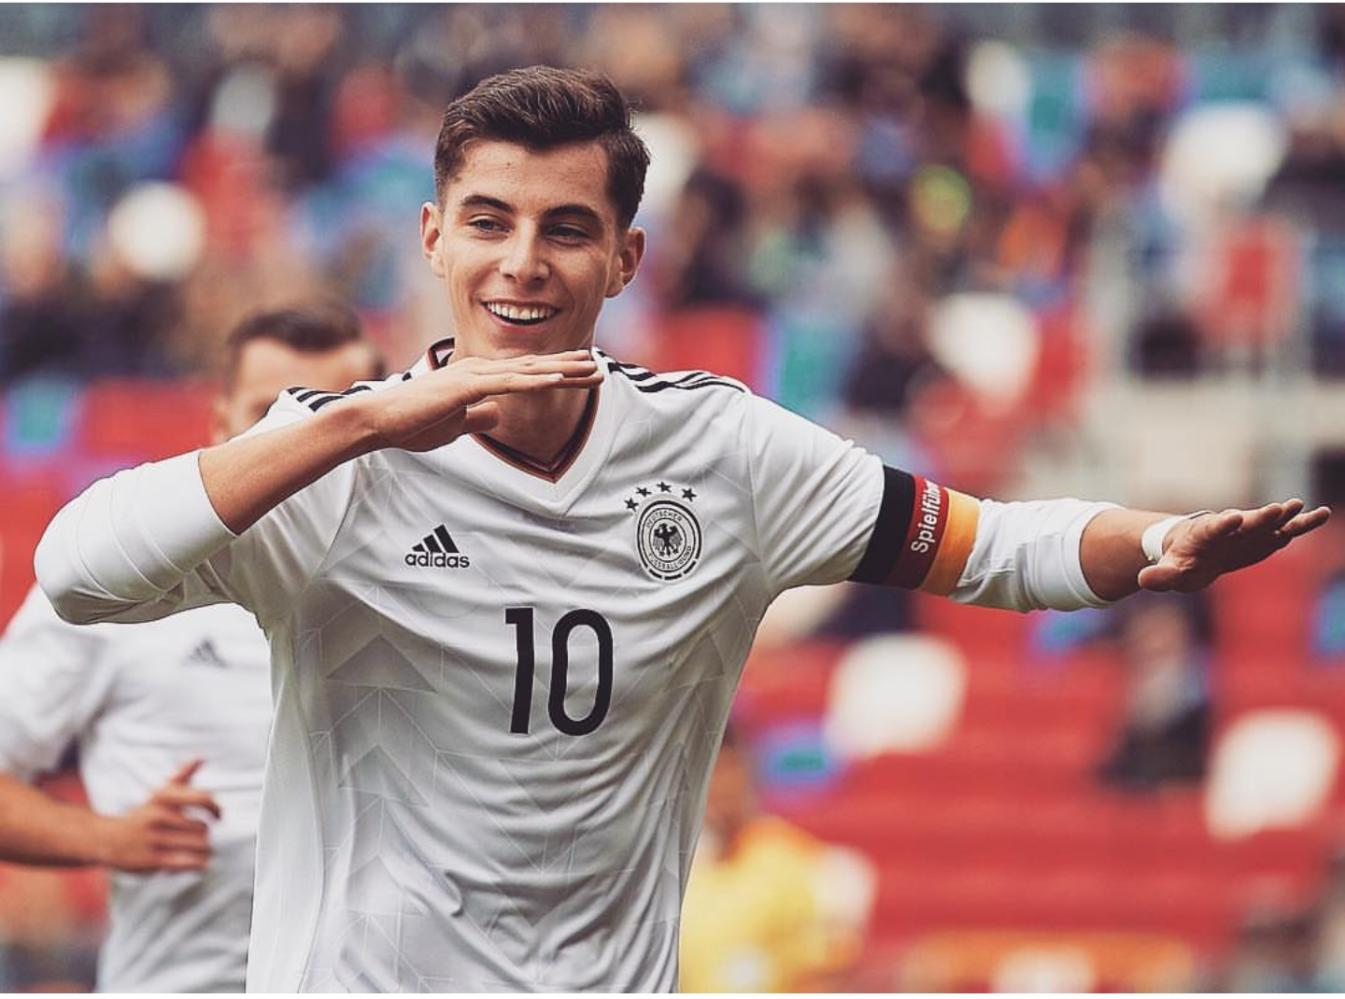 拜仁向哈弗茨开出5年合同,年薪800万欧元